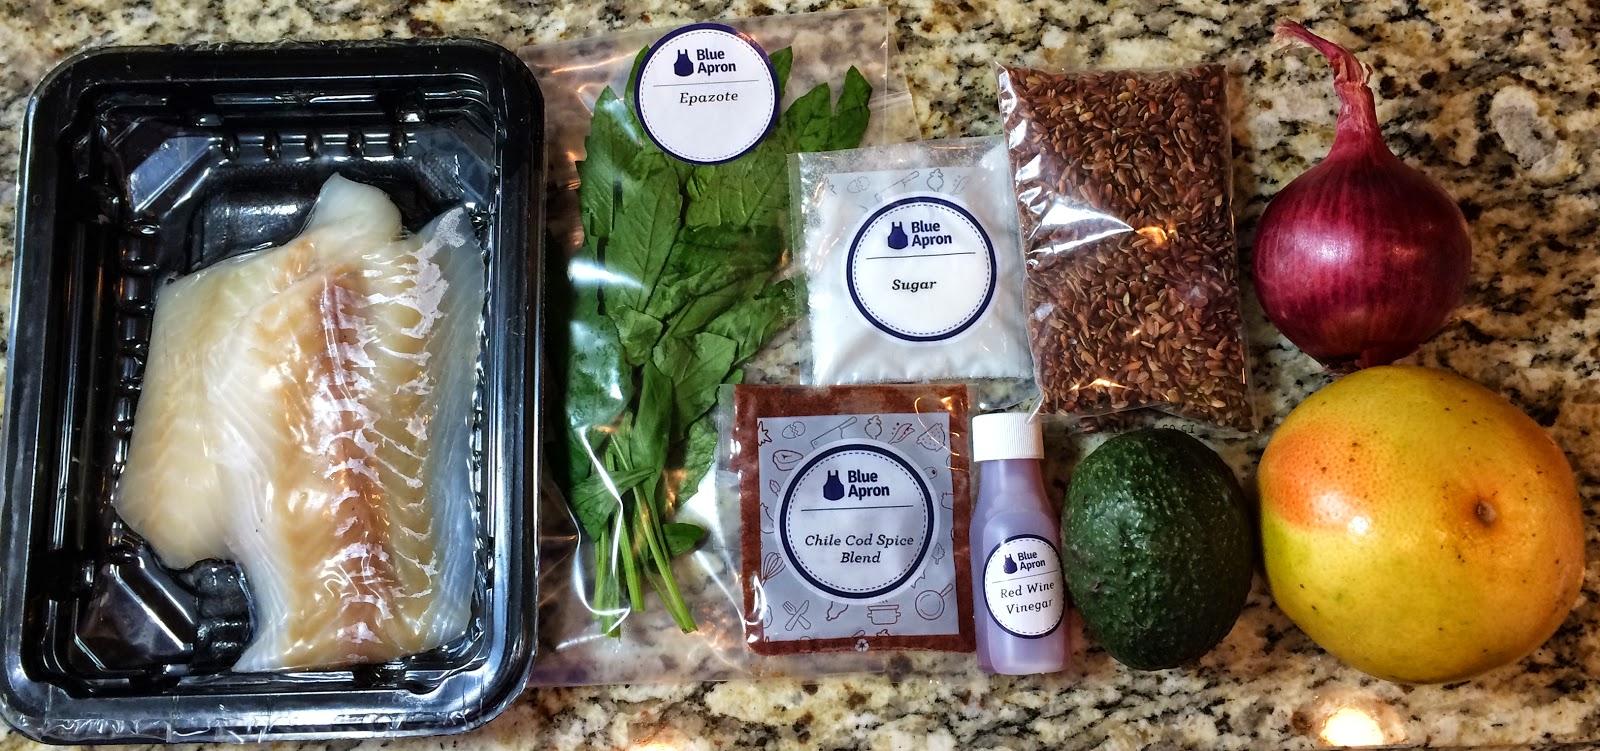 Blue apron lentil spice blend - Blue Skies For Me Please Blue Apron Subscription Box Review Part 16 17 18 And Giveaway